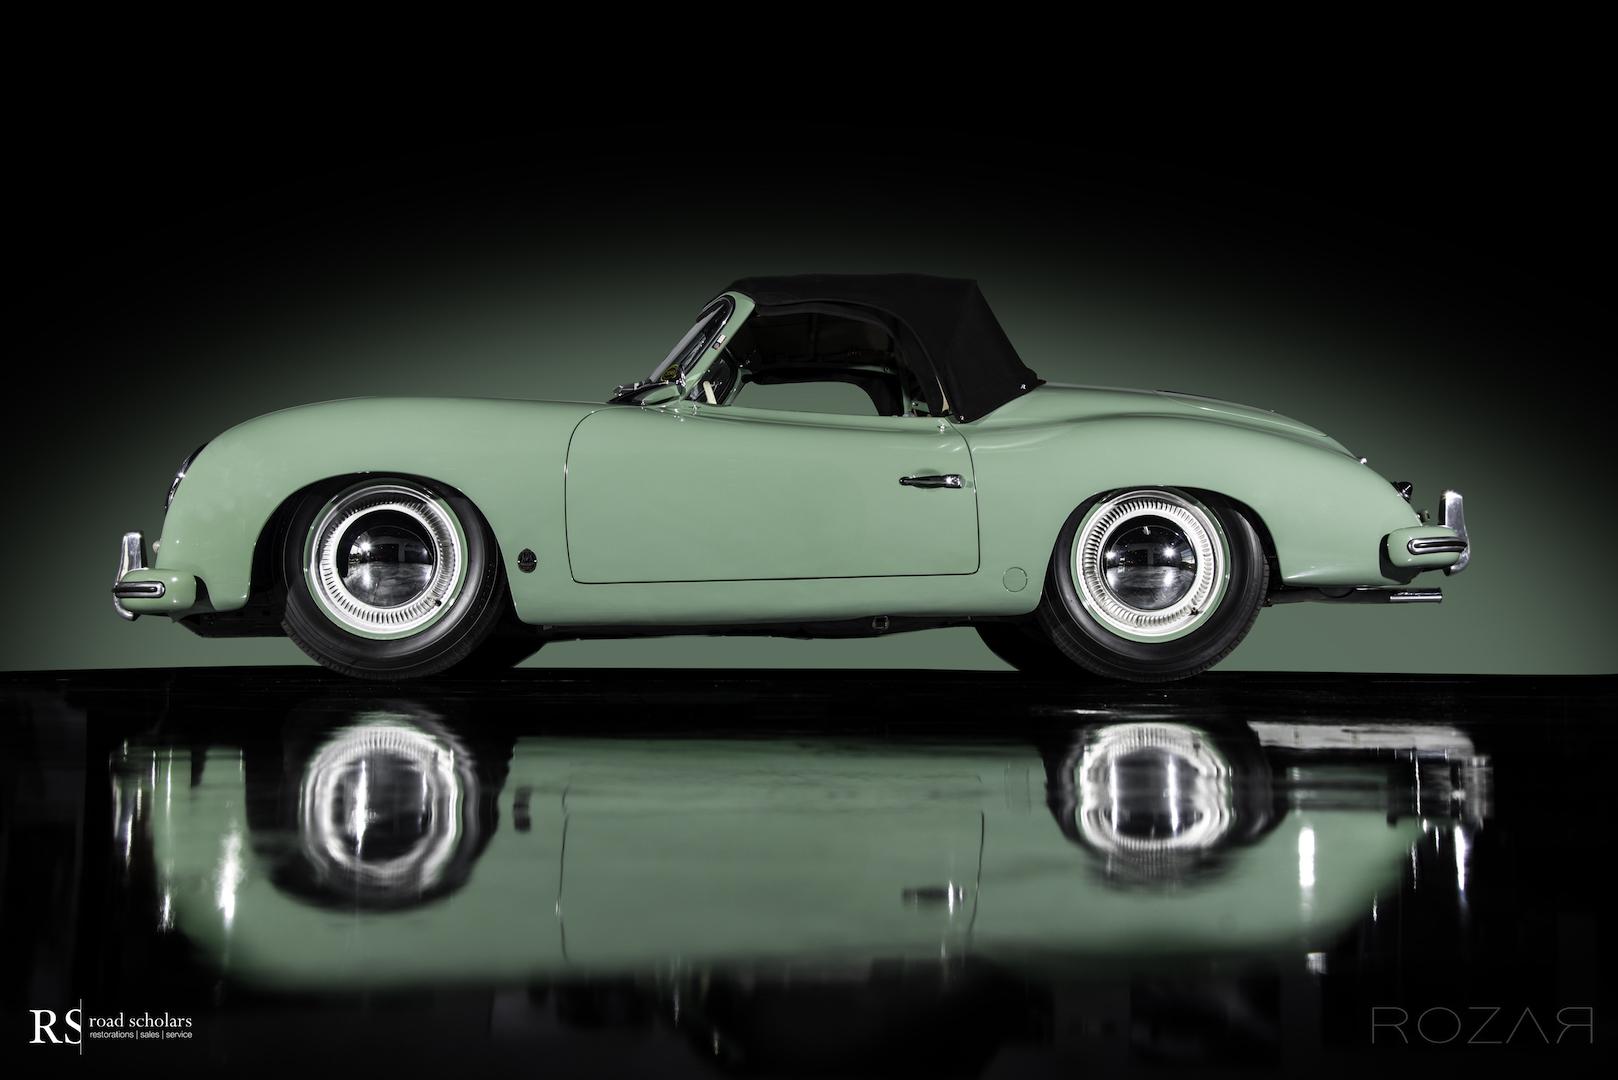 Porsche 356 - Road Scholars